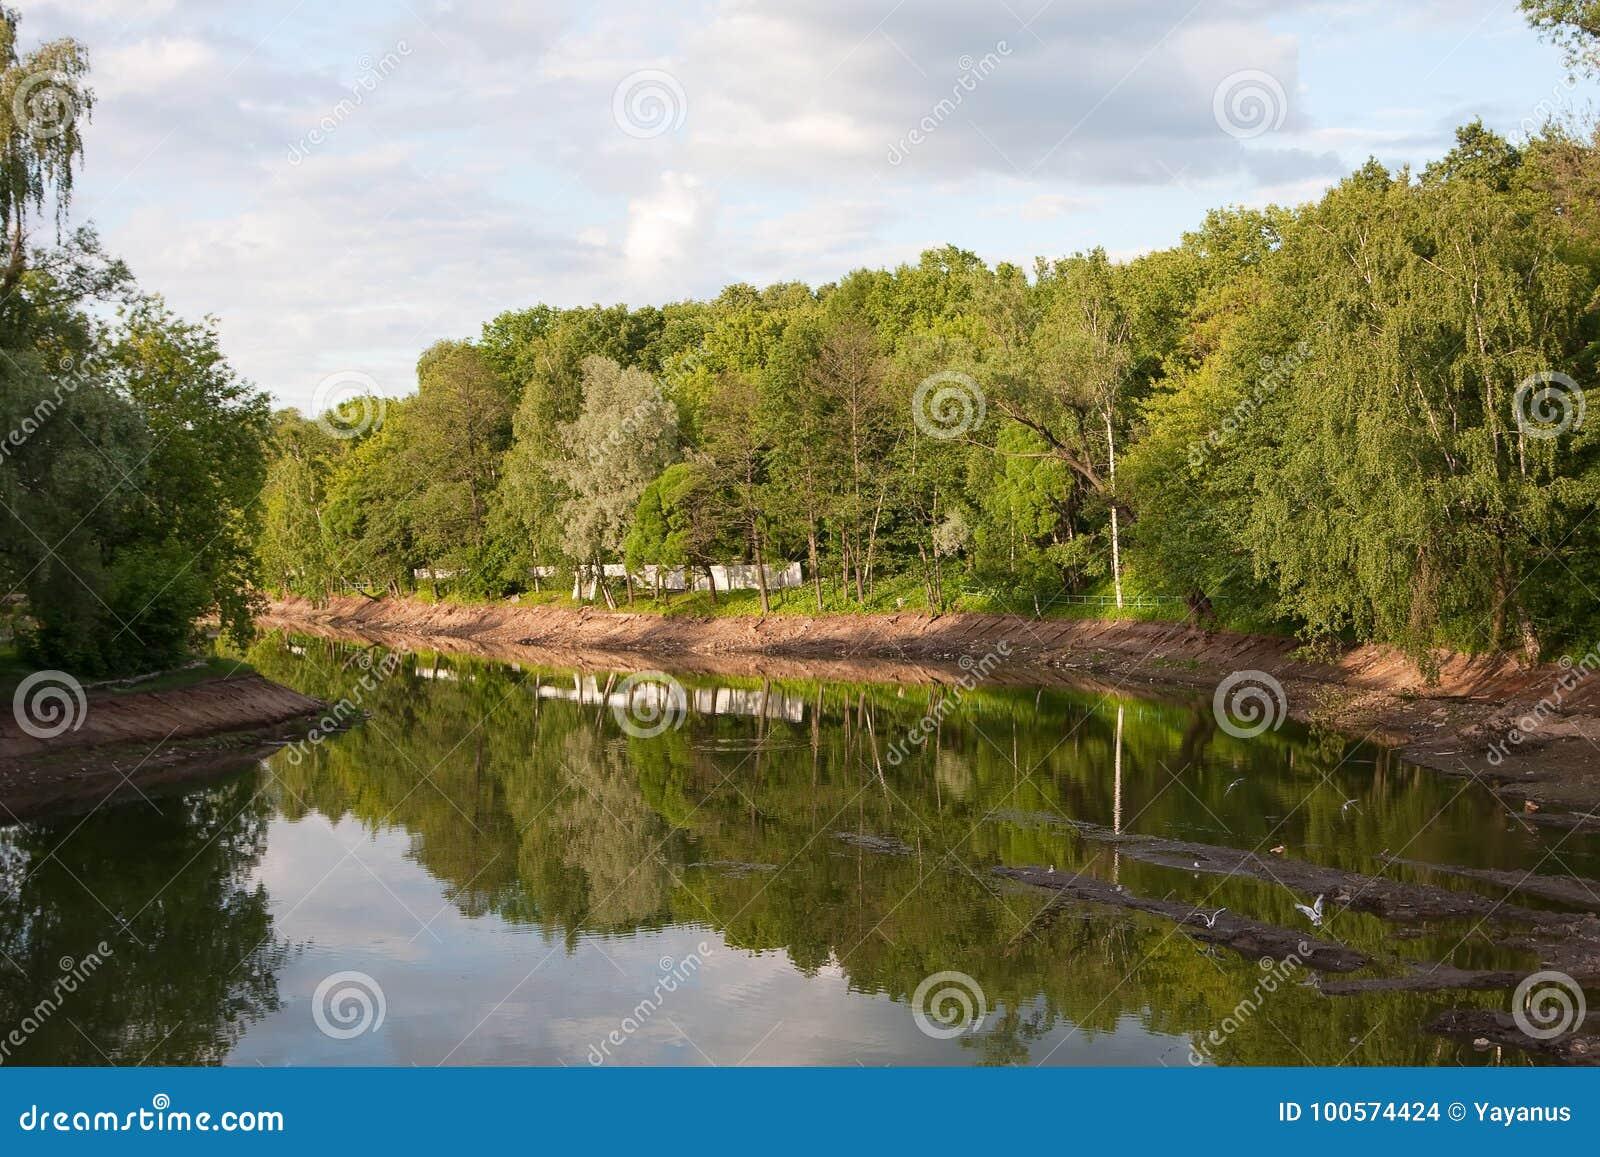 Reconstrução da lagoa A descarga da água, da limpeza inferior e de reforçar os bancos